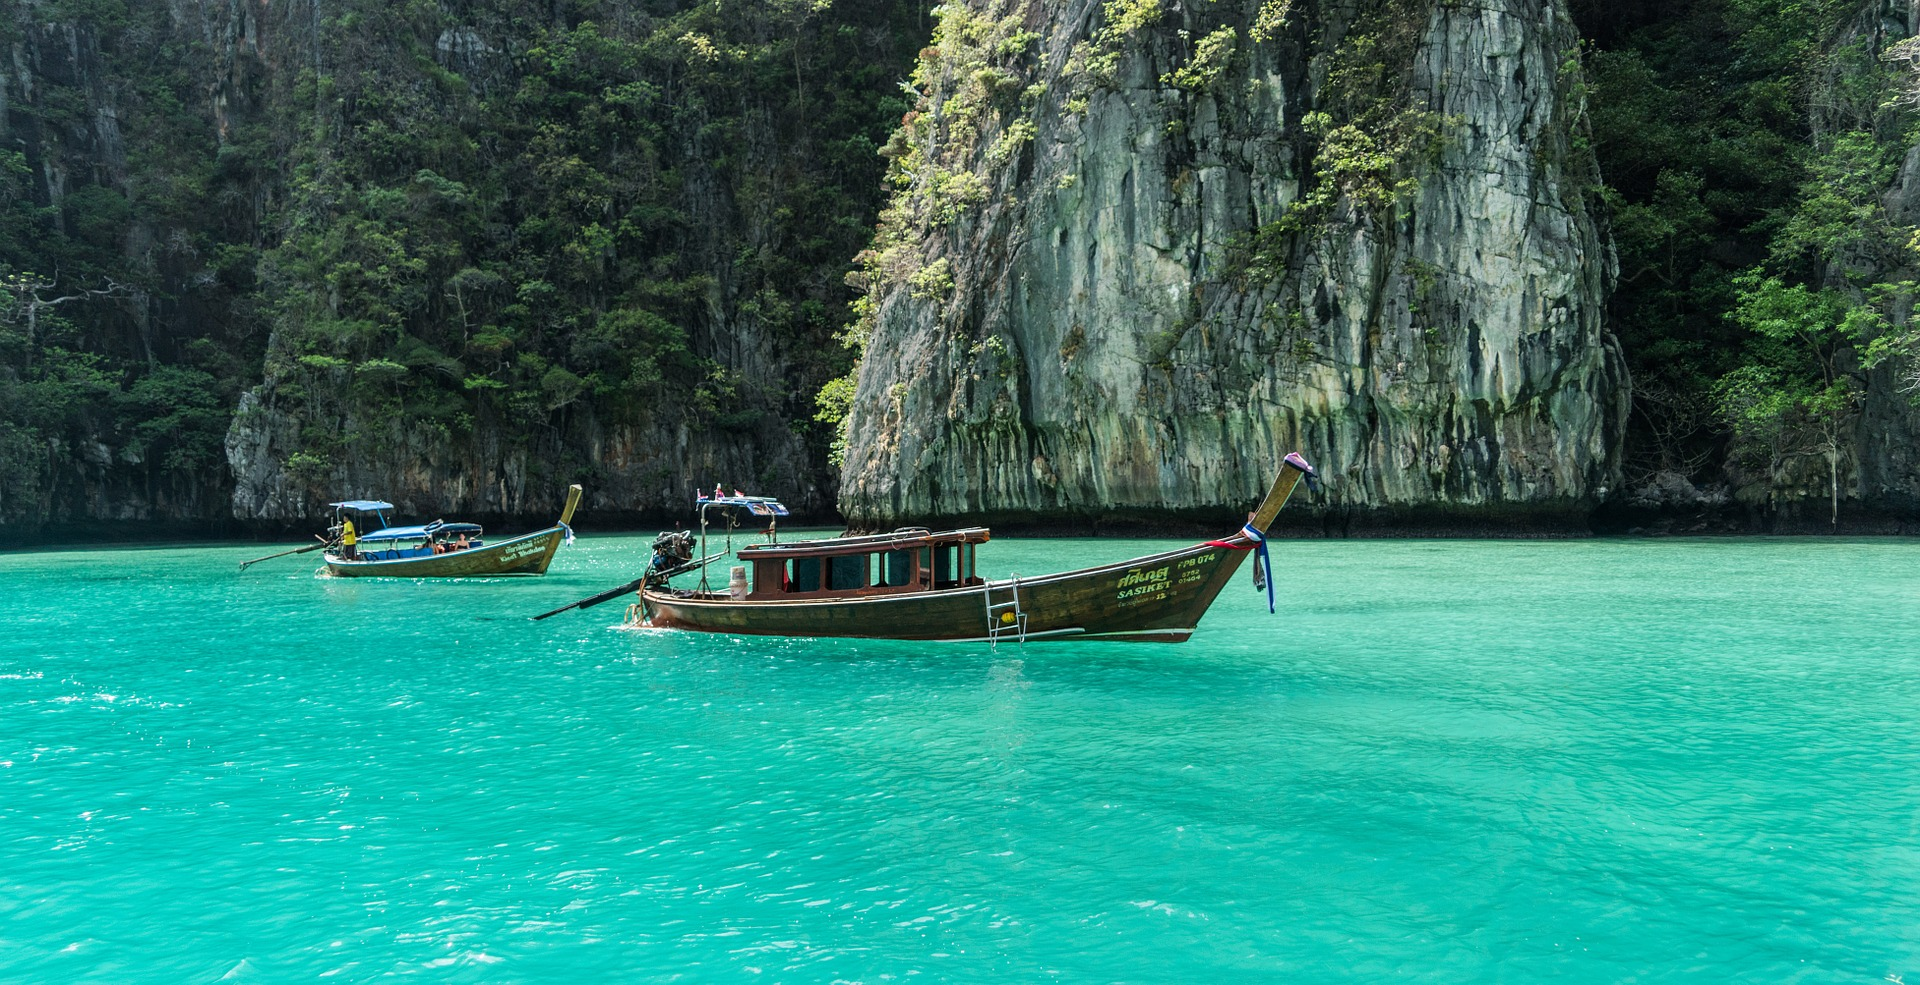 thailand-1451381_1920